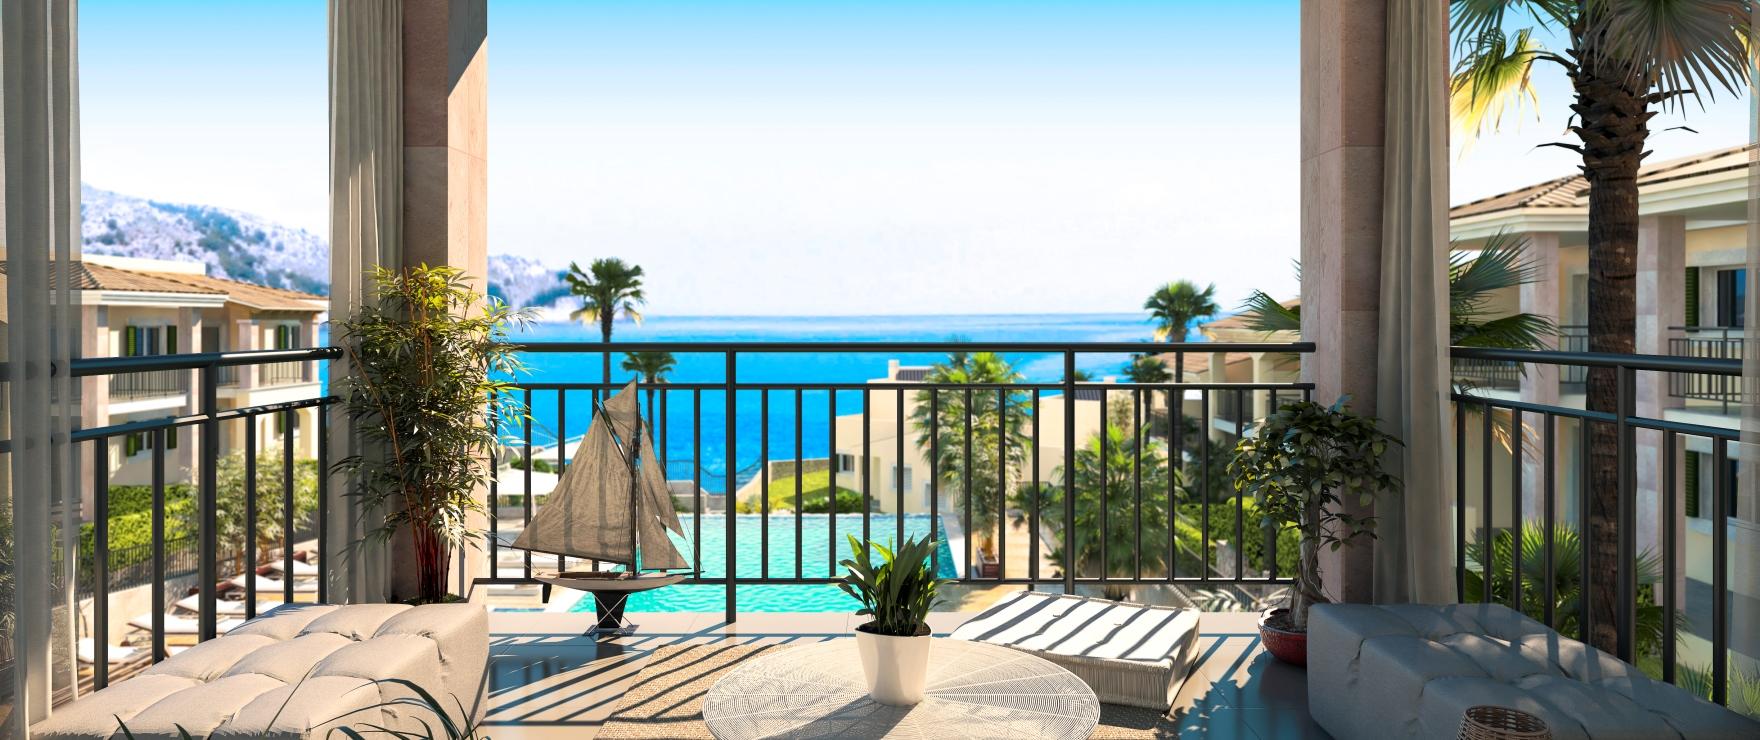 Blue Cove - Cala Lliteras - Capdepera (Mallorca)